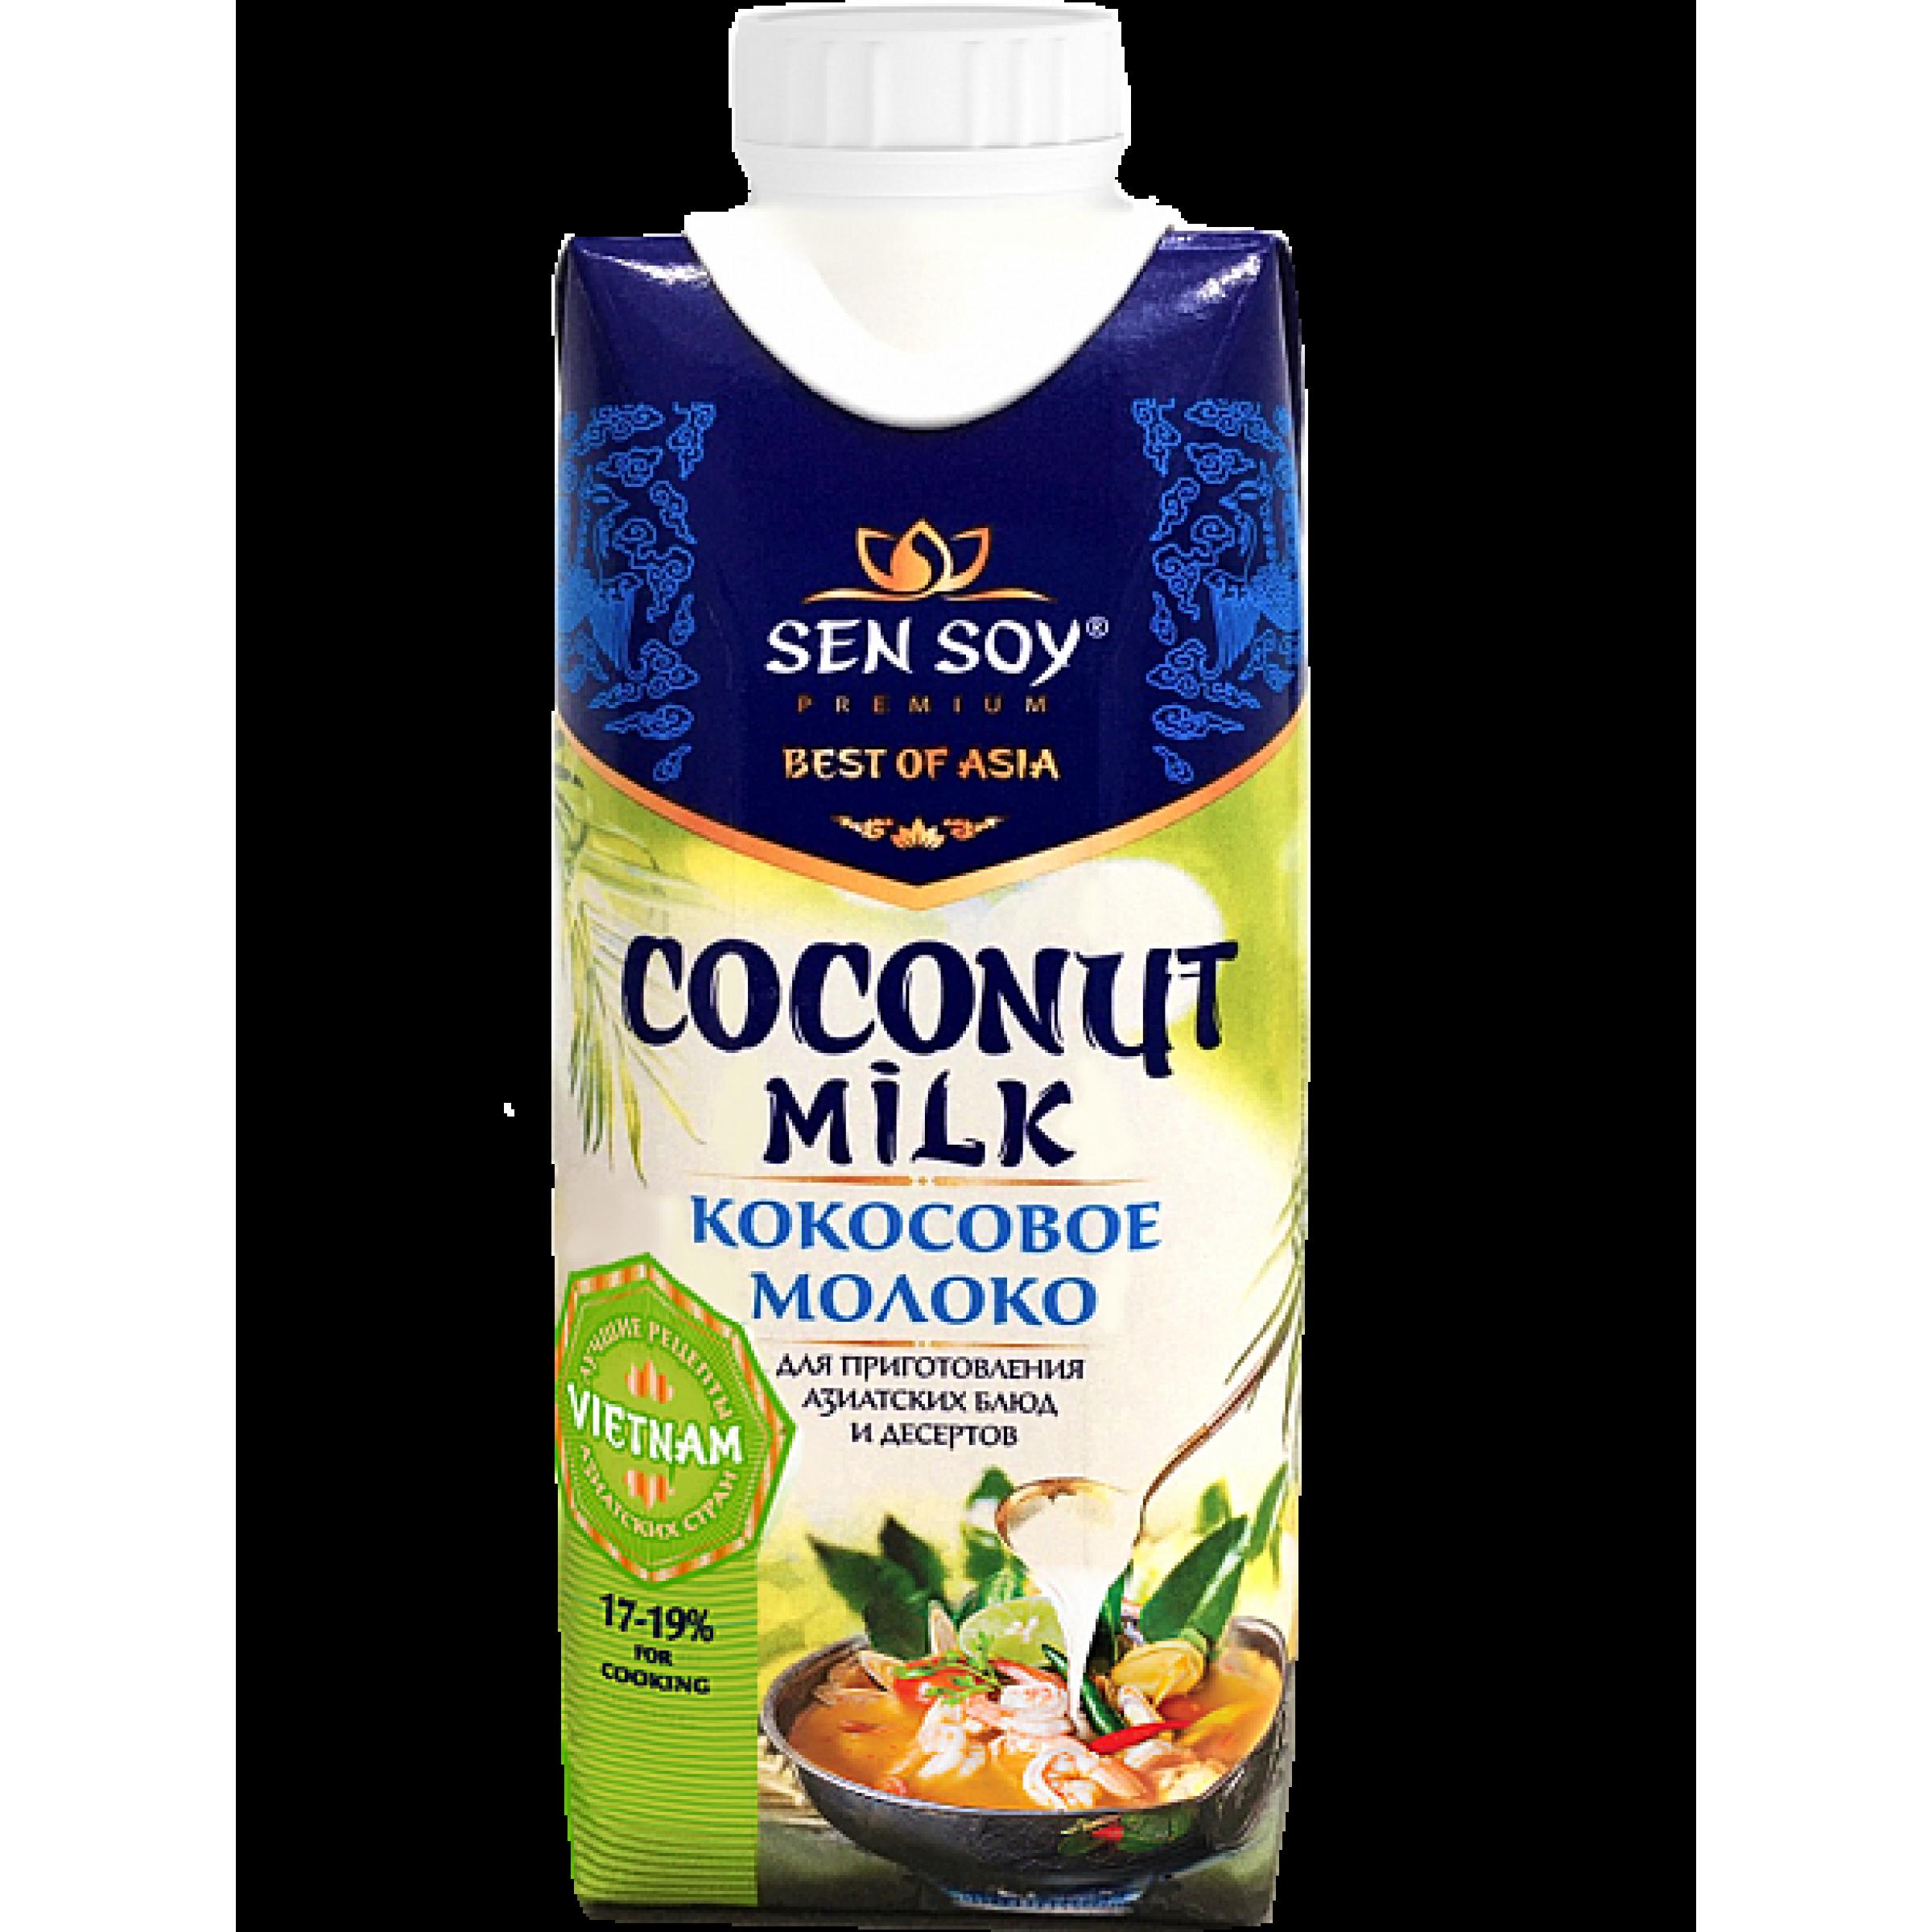 Кокосовое молоко Сэн Сой Премиум 17-19% Coconut Milk, 330 мл